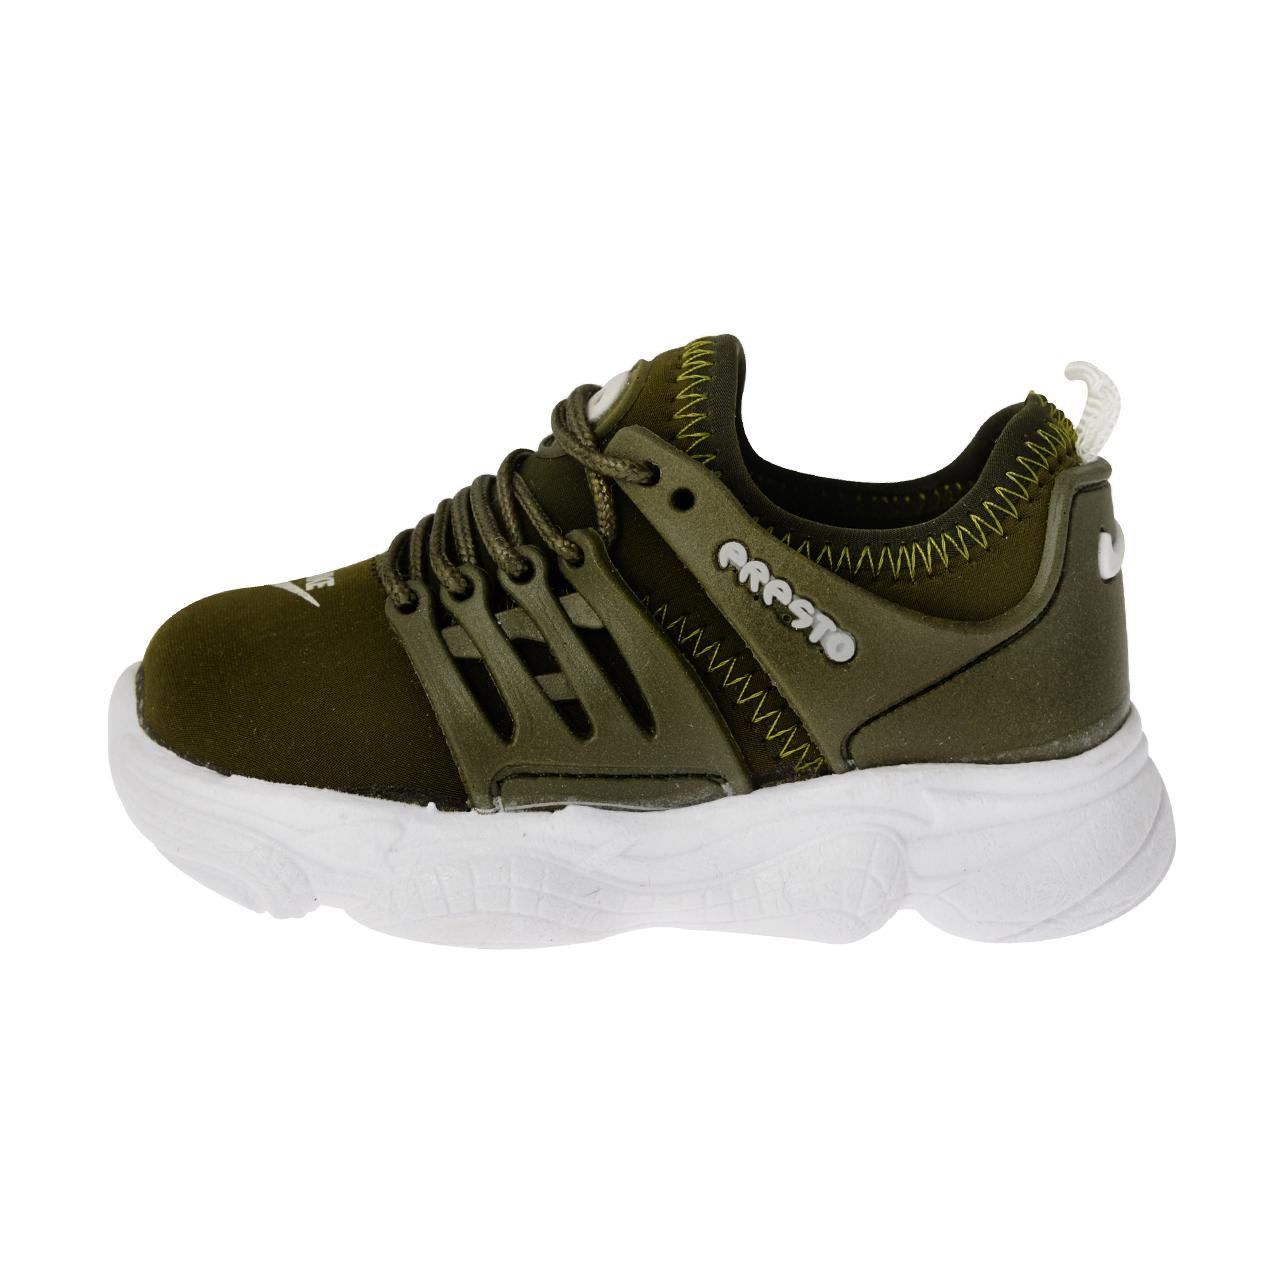 کفش مخصوص پیاده روی پسرانه کد 349001431                     غیر اصل